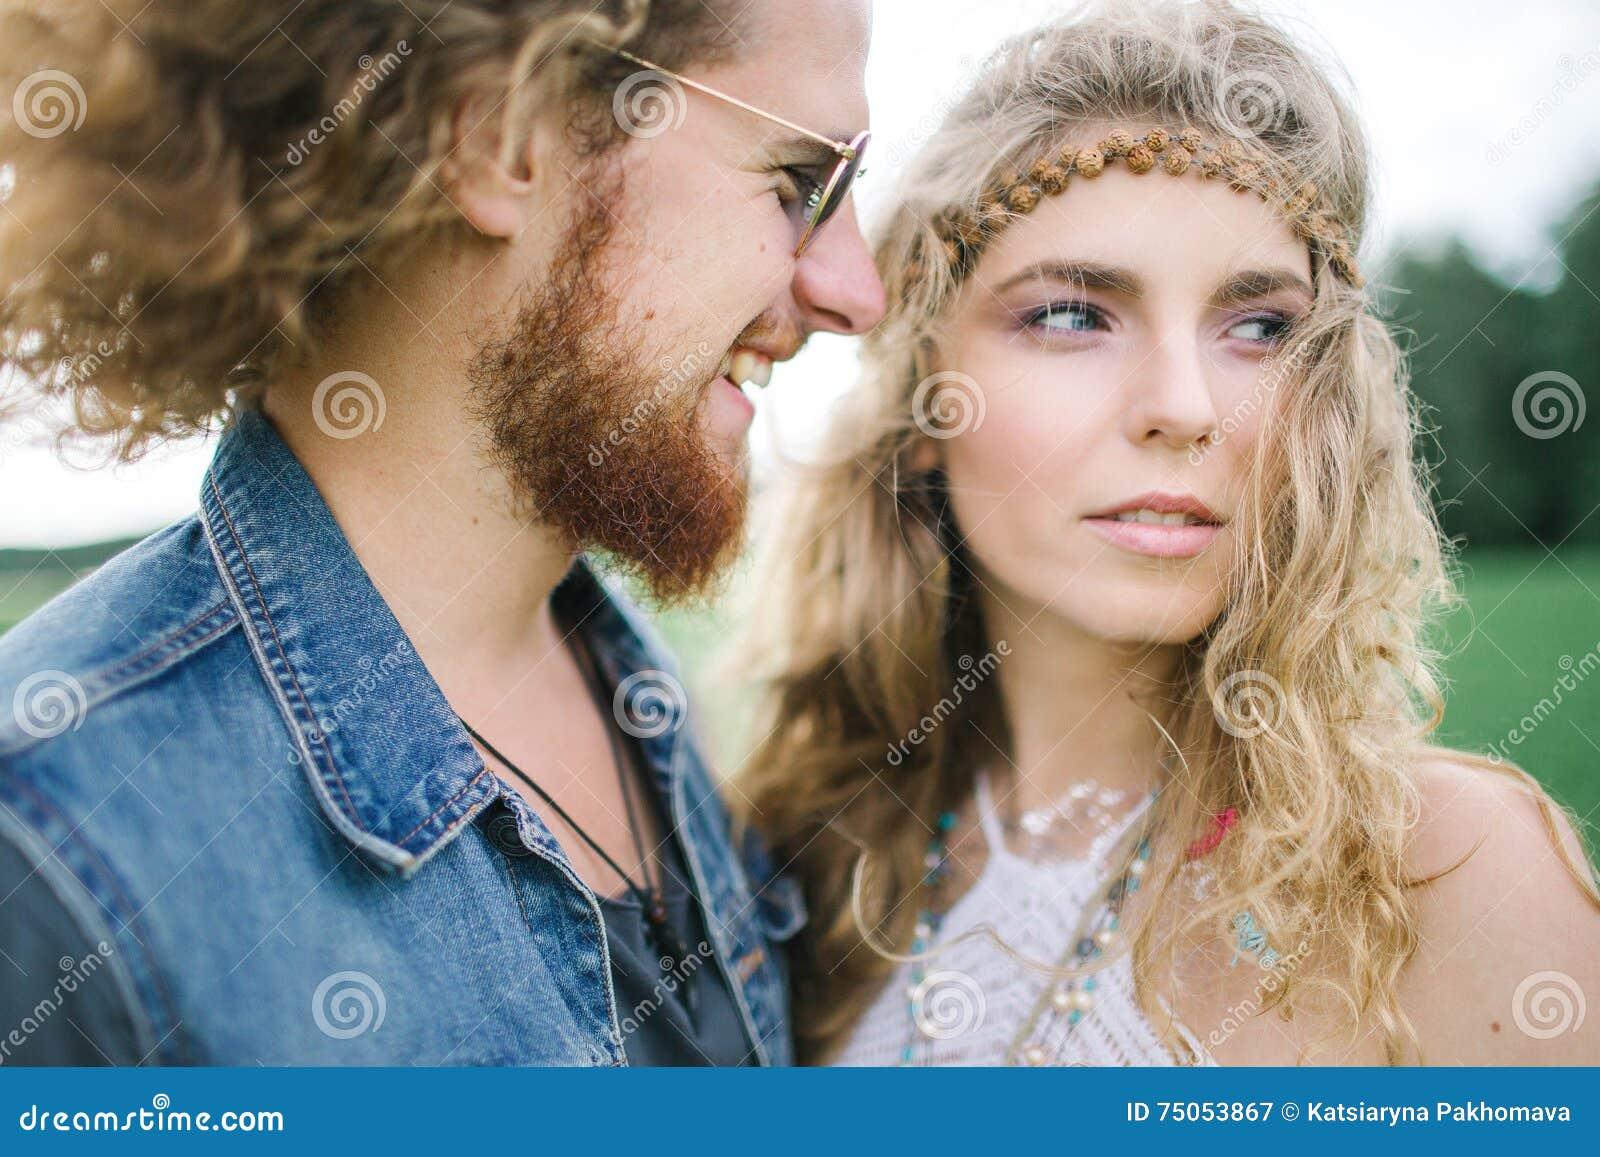 hippie dating